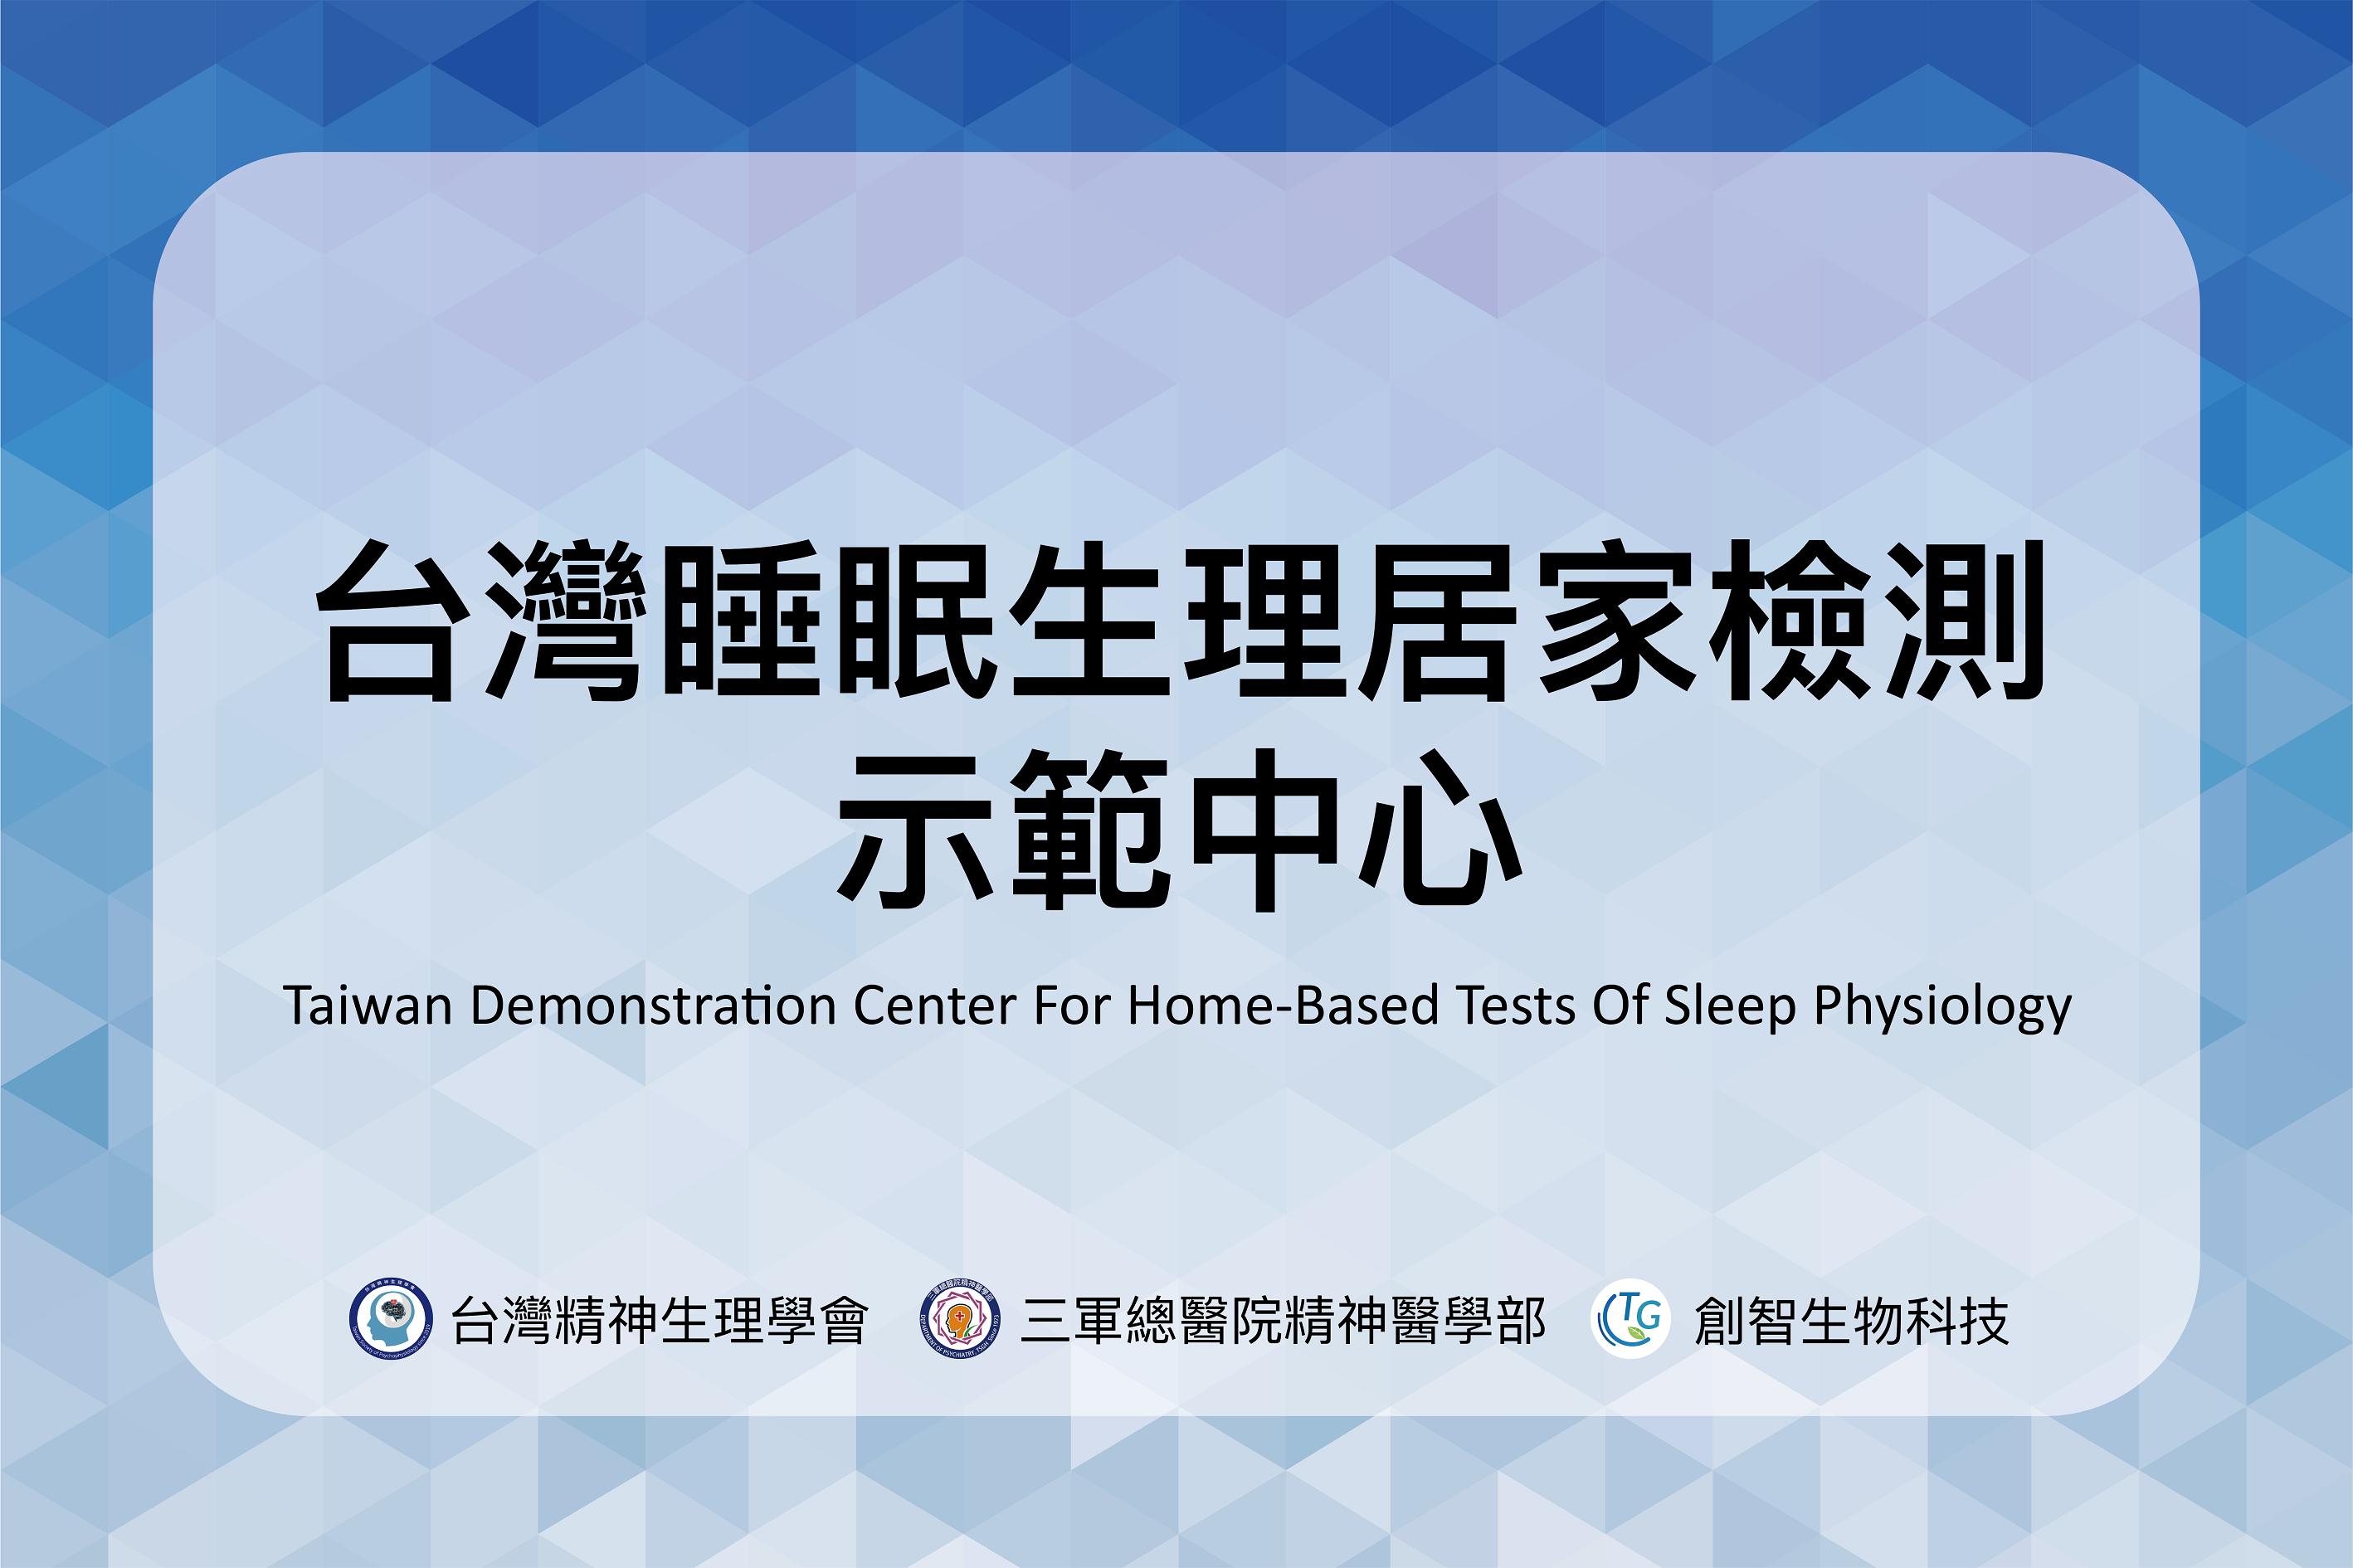 台灣睡眠生理居家檢測示範中心smallest